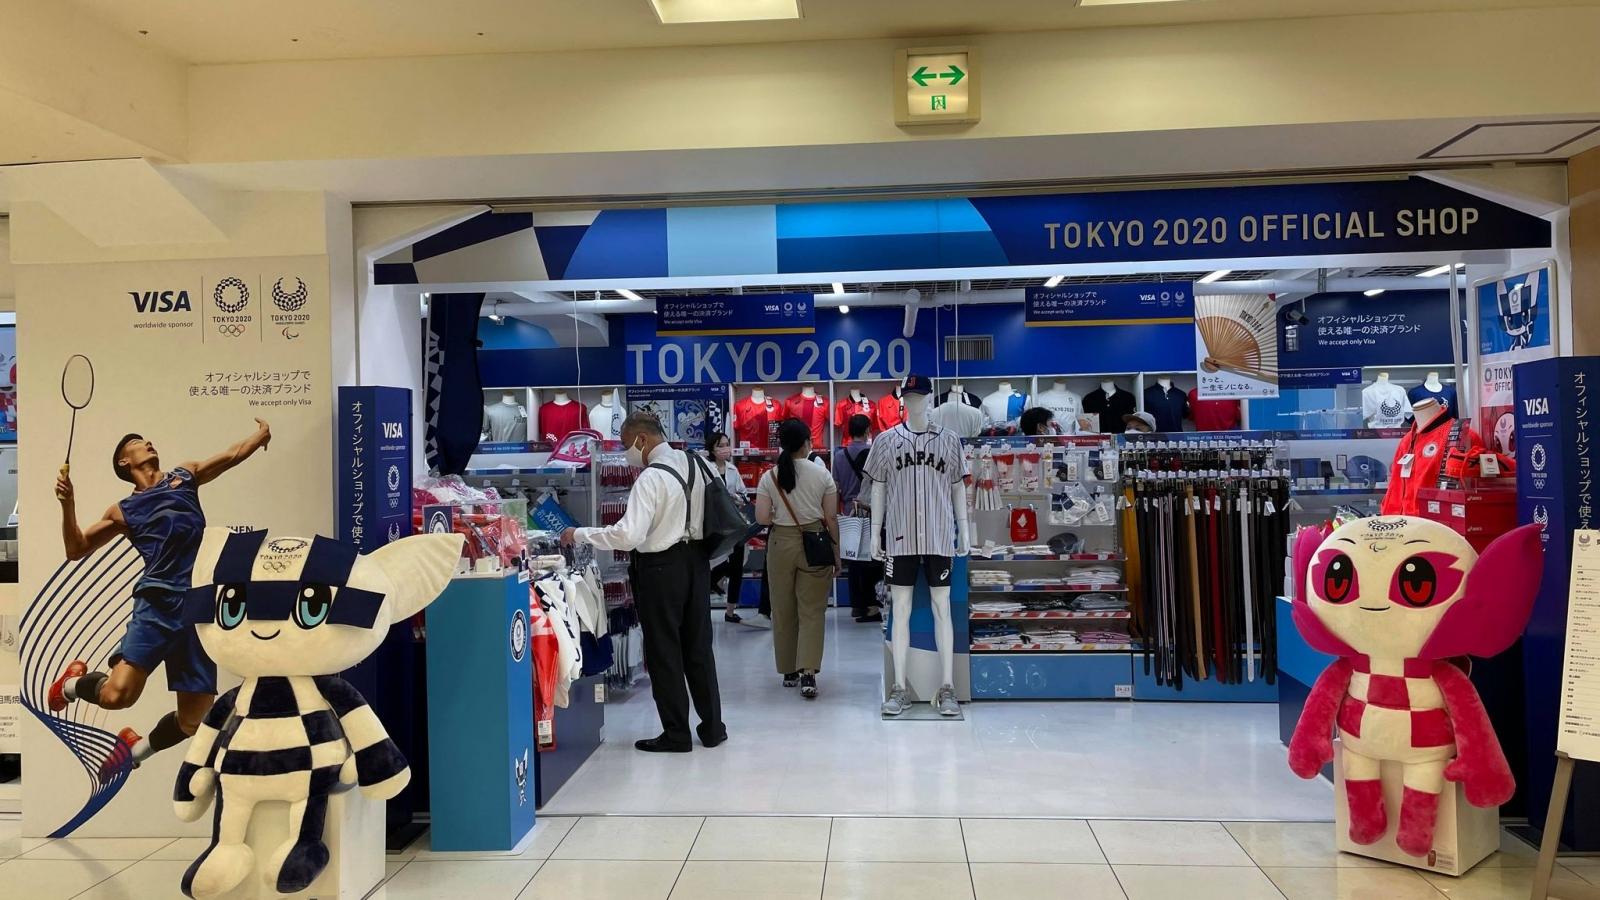 Cửa hàng lưu niệm chính thức của Olympic và Paralympic Tokyo 2020 có những gì?